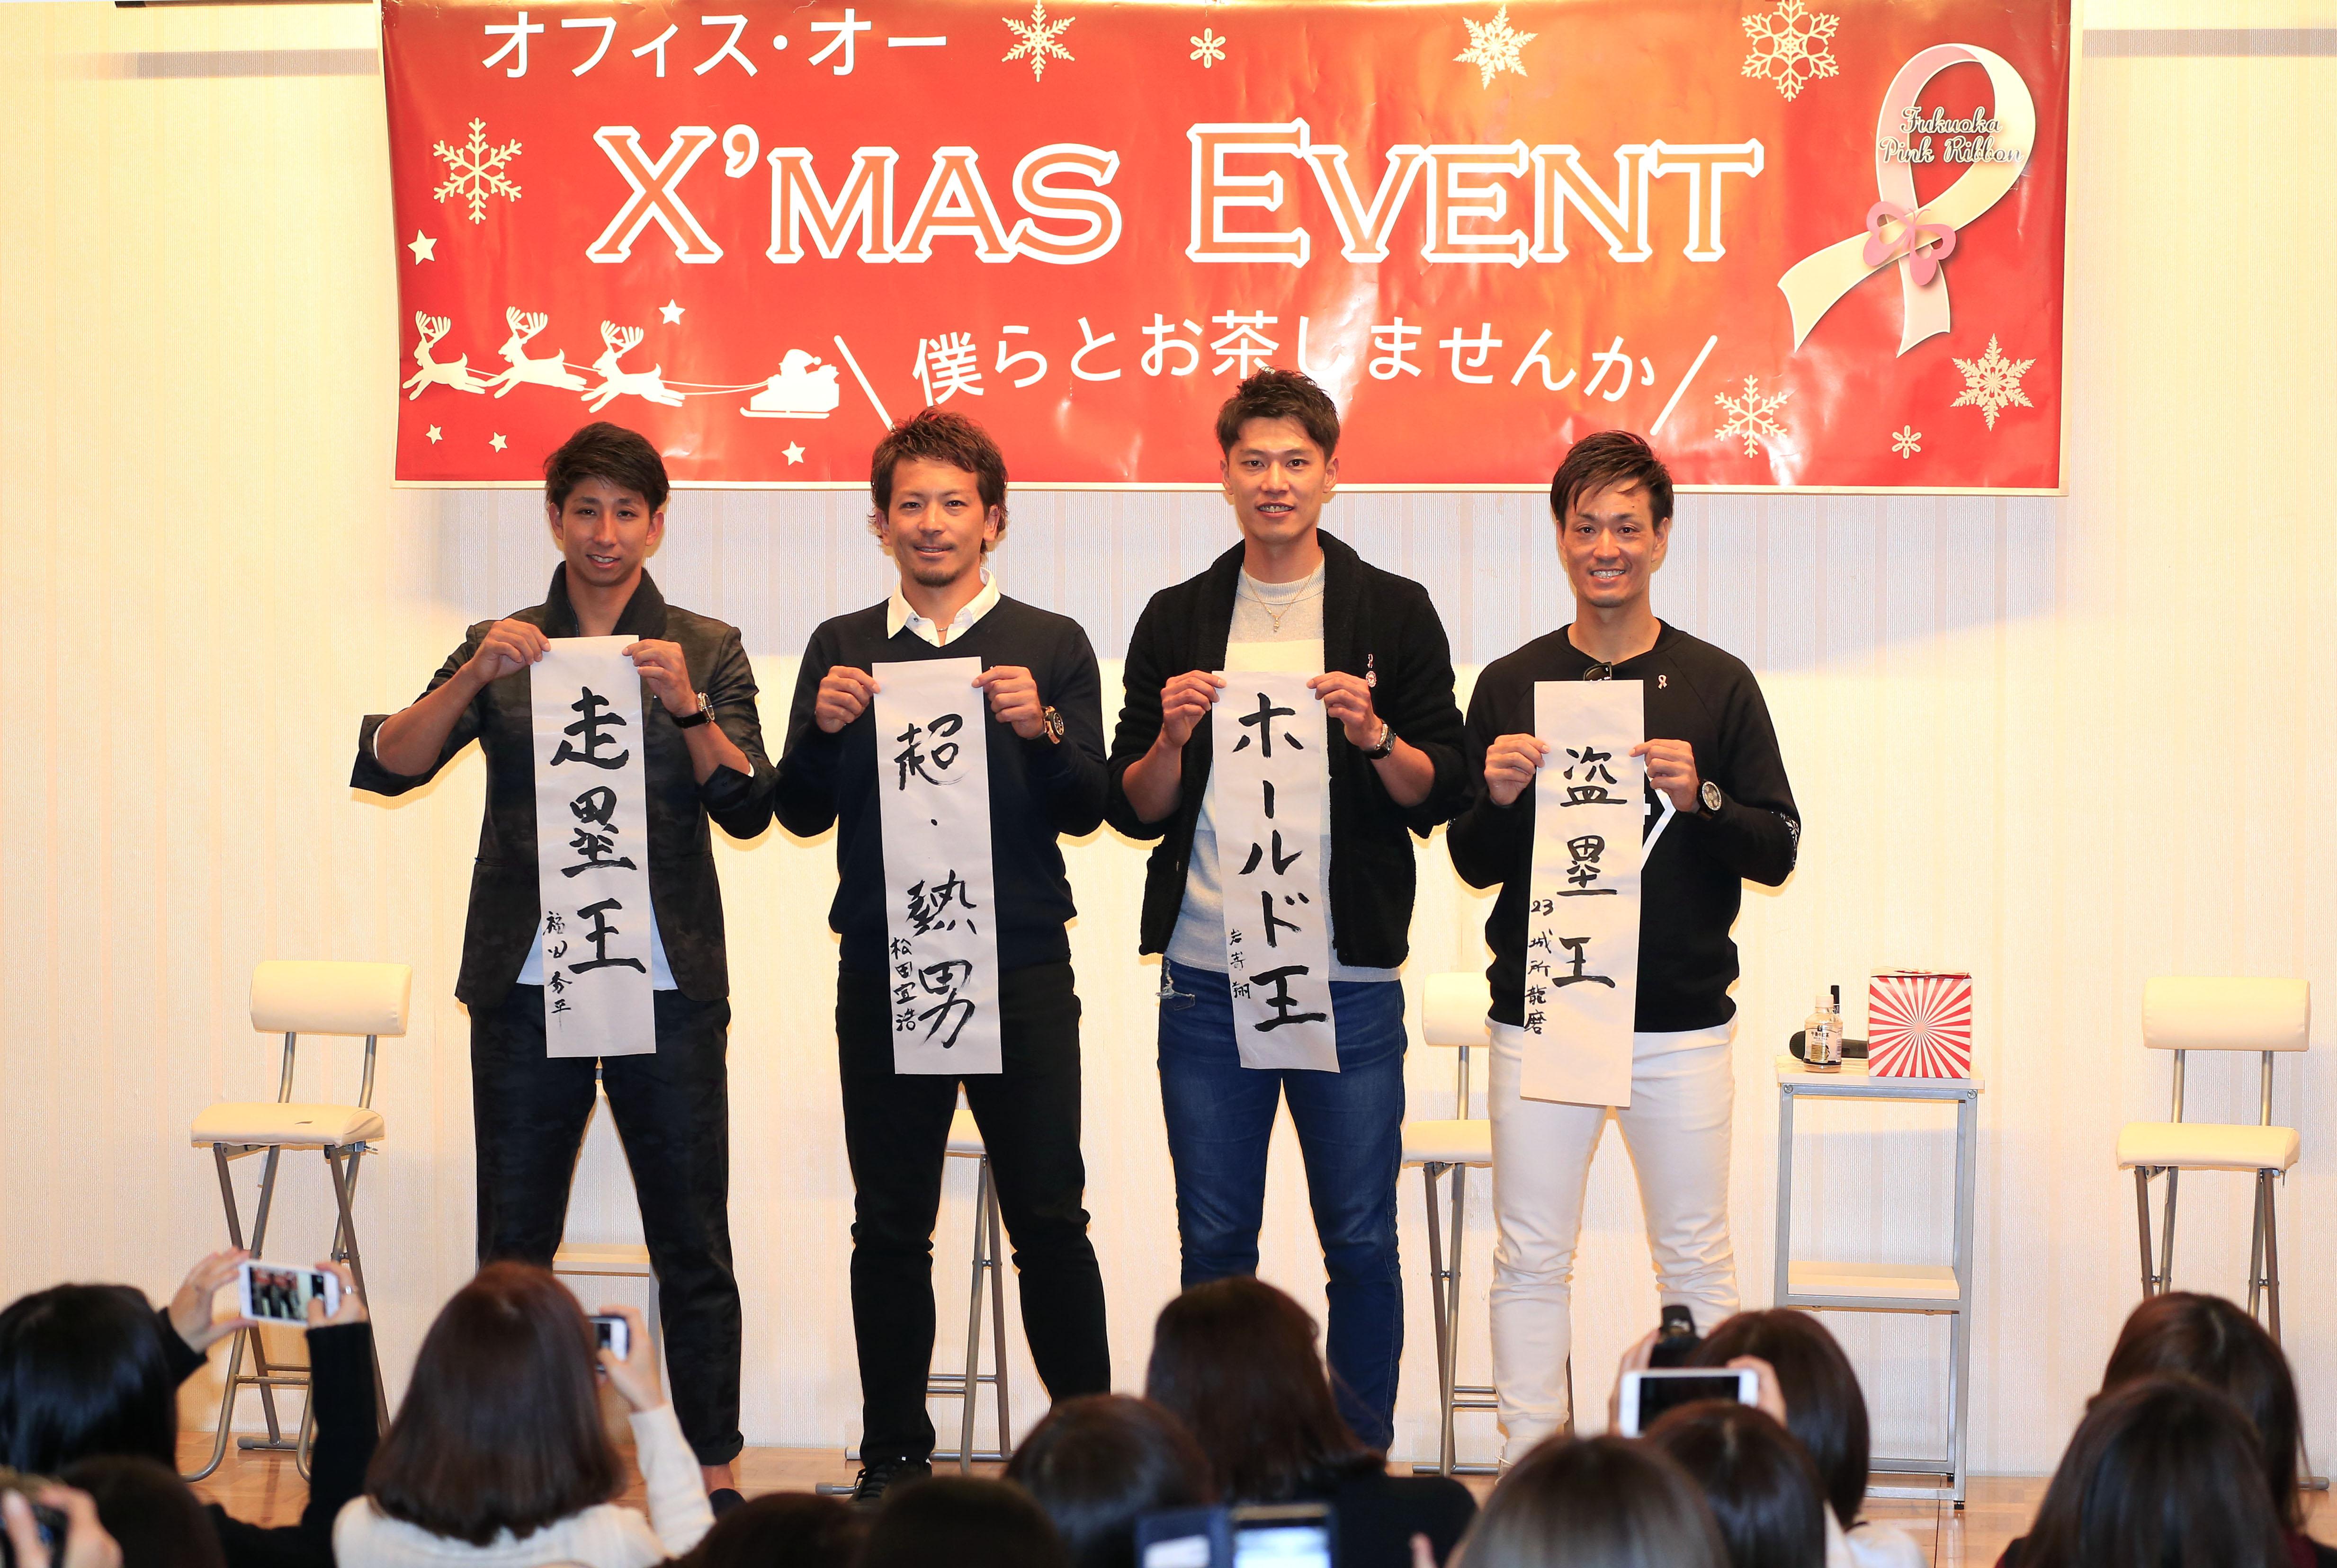 クリスマスイベント 参加ありがとうございました